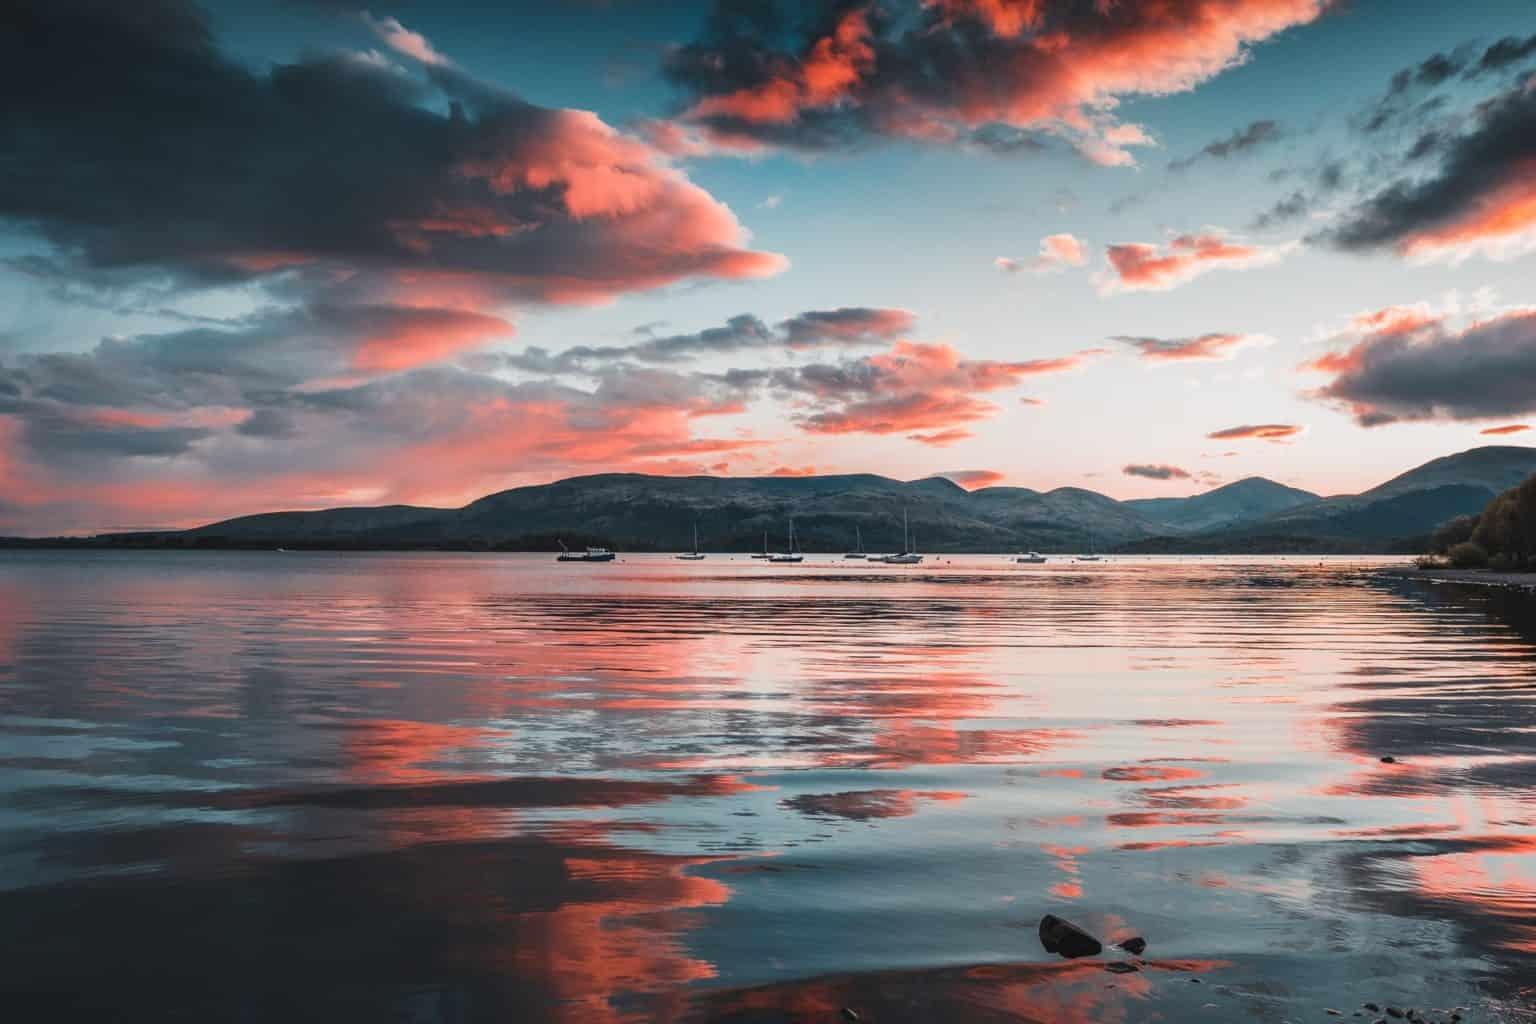 sunset along the West Highland Way